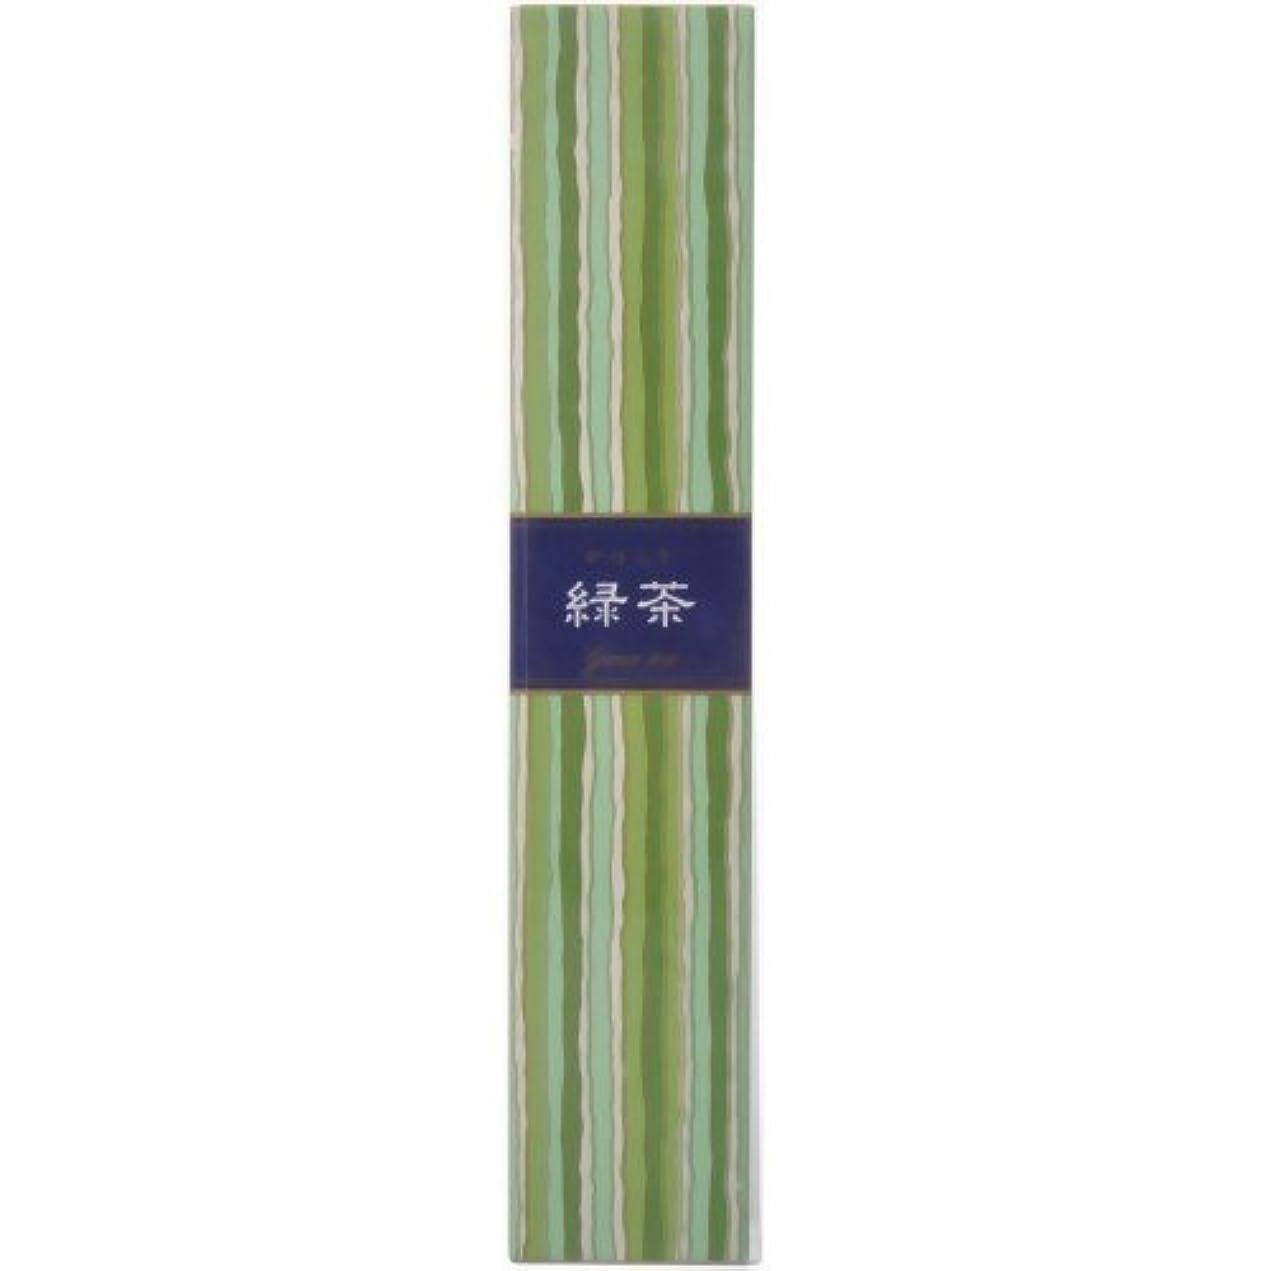 【セット品】かゆらぎ 緑茶 スティック40本入 香立付 ×3個